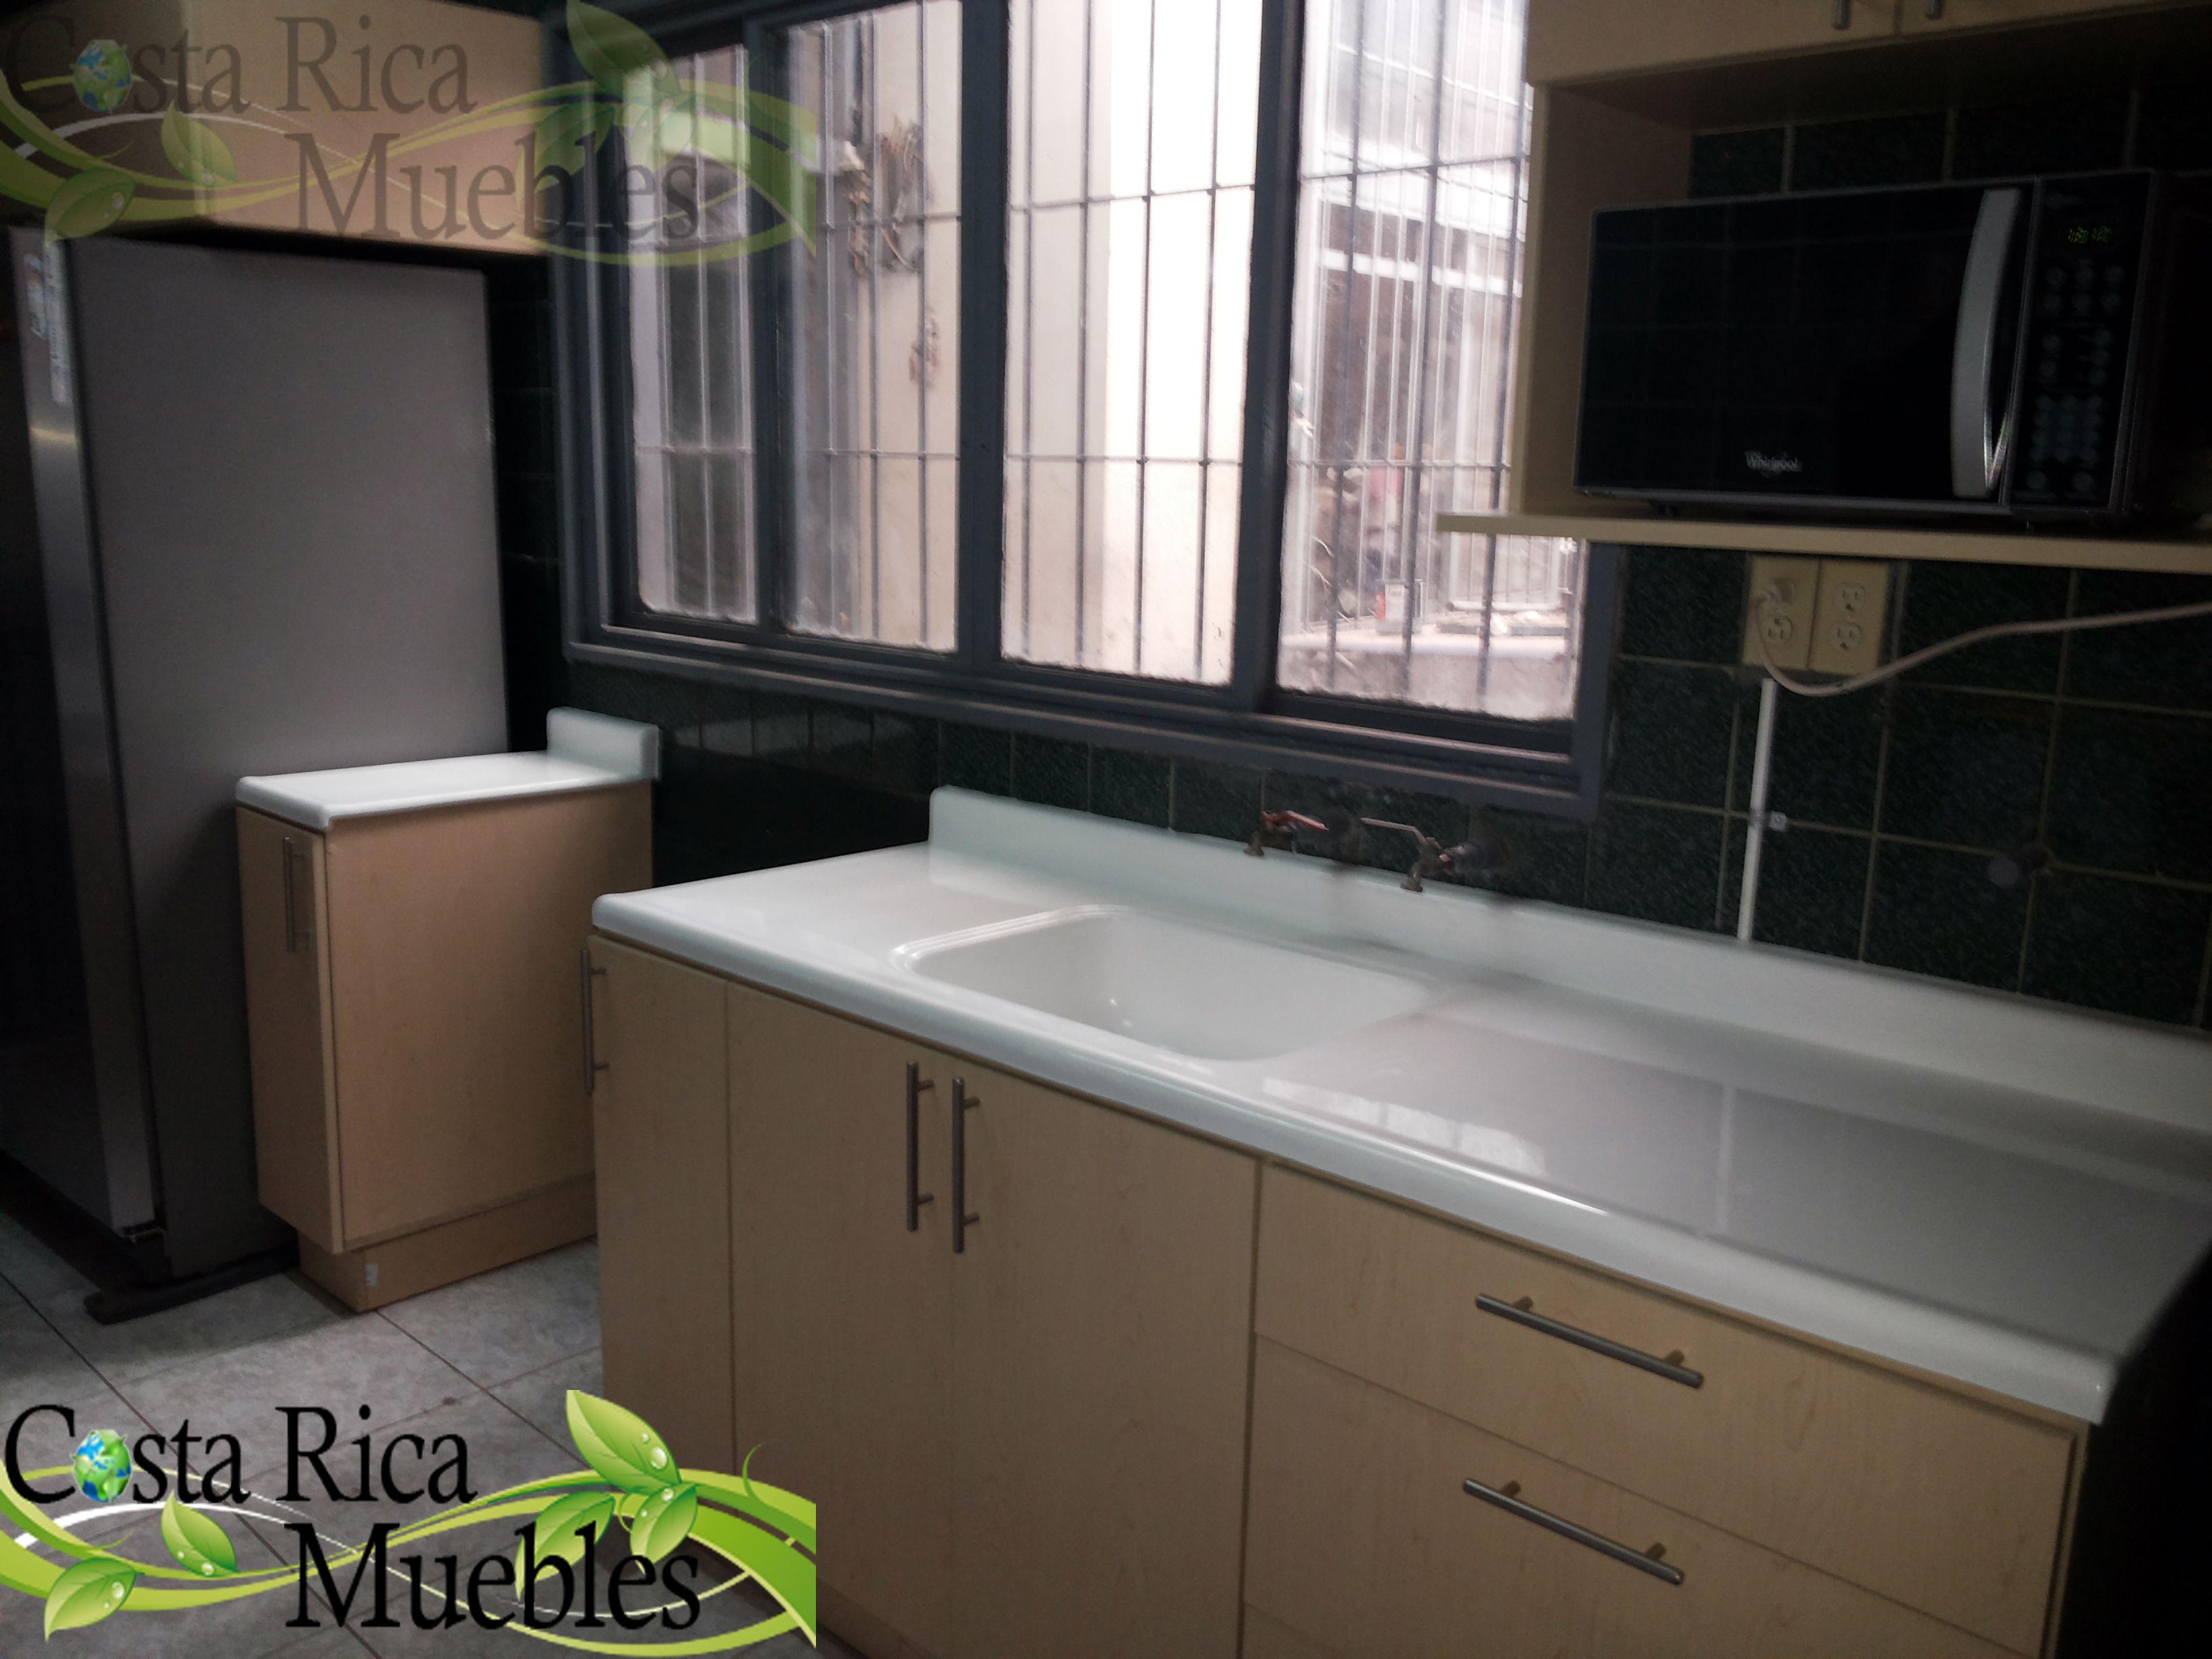 Mueble instalado en san jos cliente privado detalle for Muebles de cocina costa rica